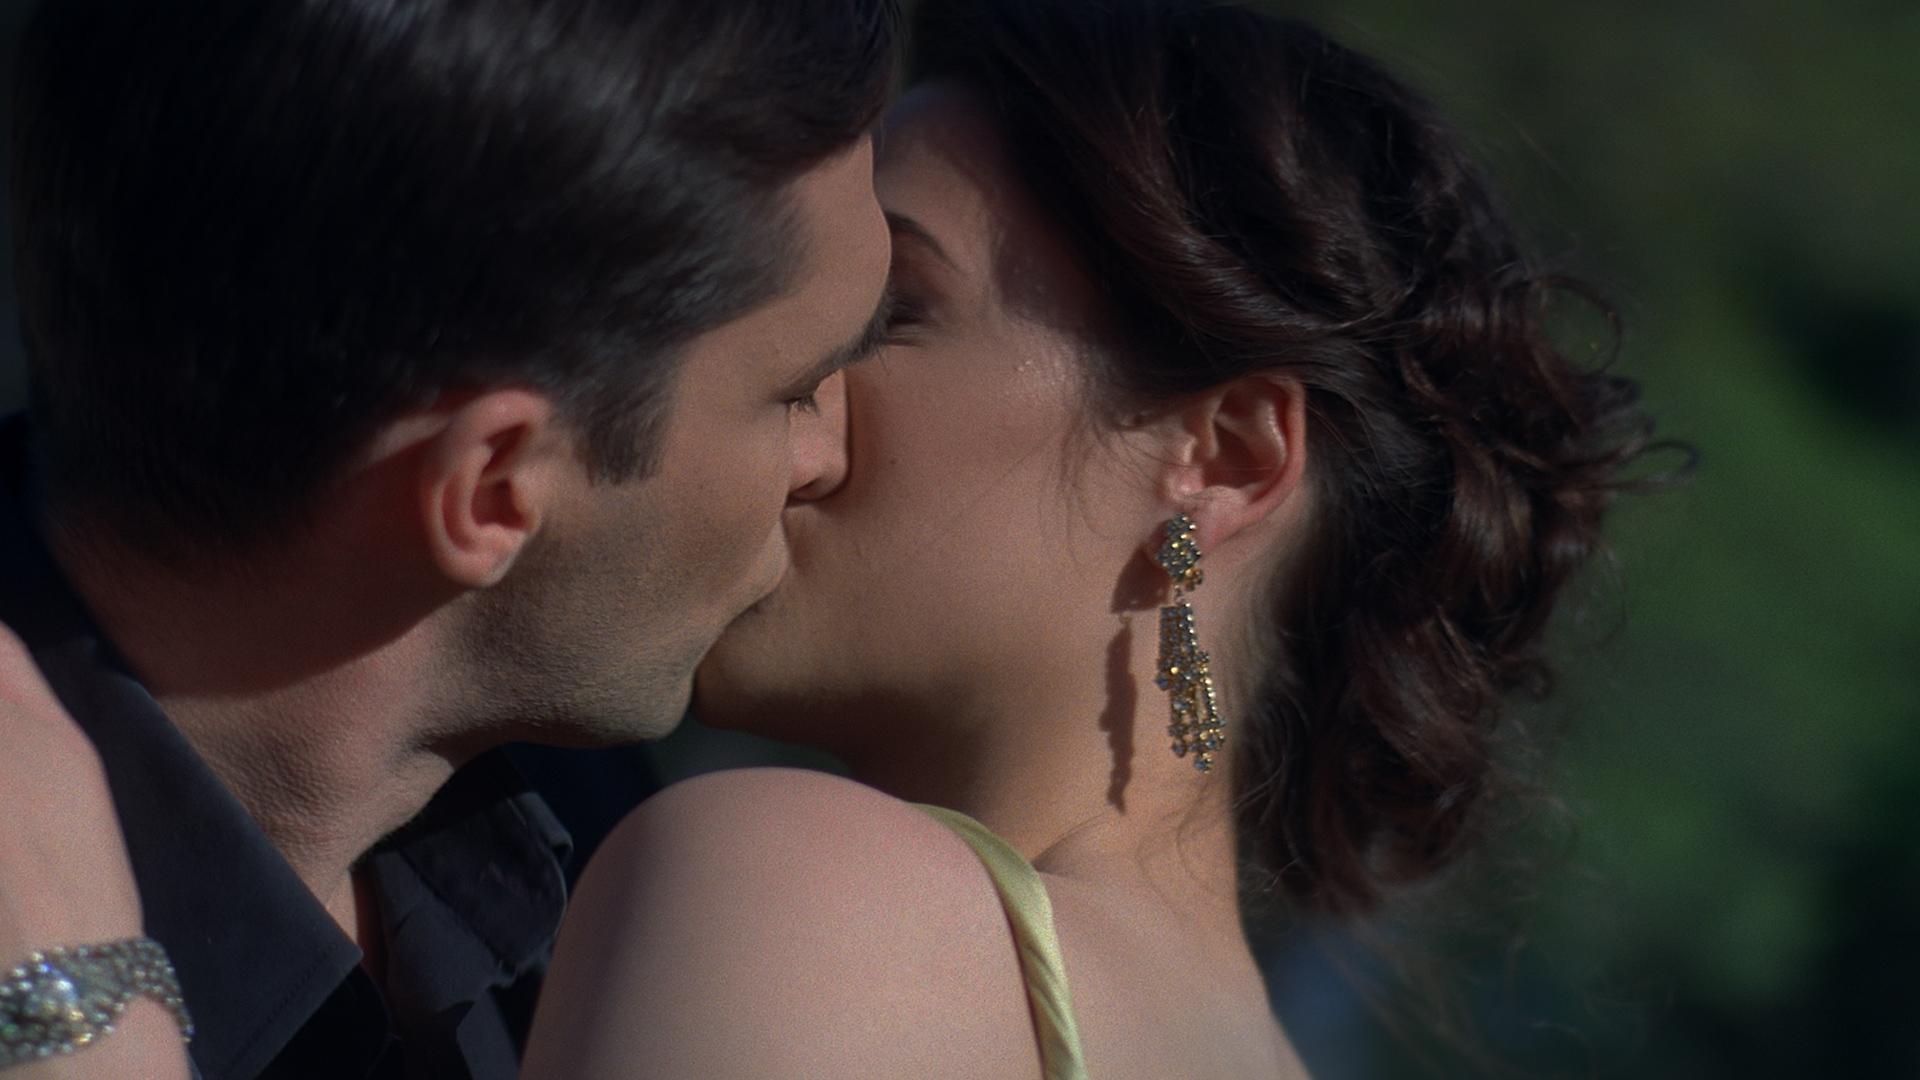 kiss_1.jpg